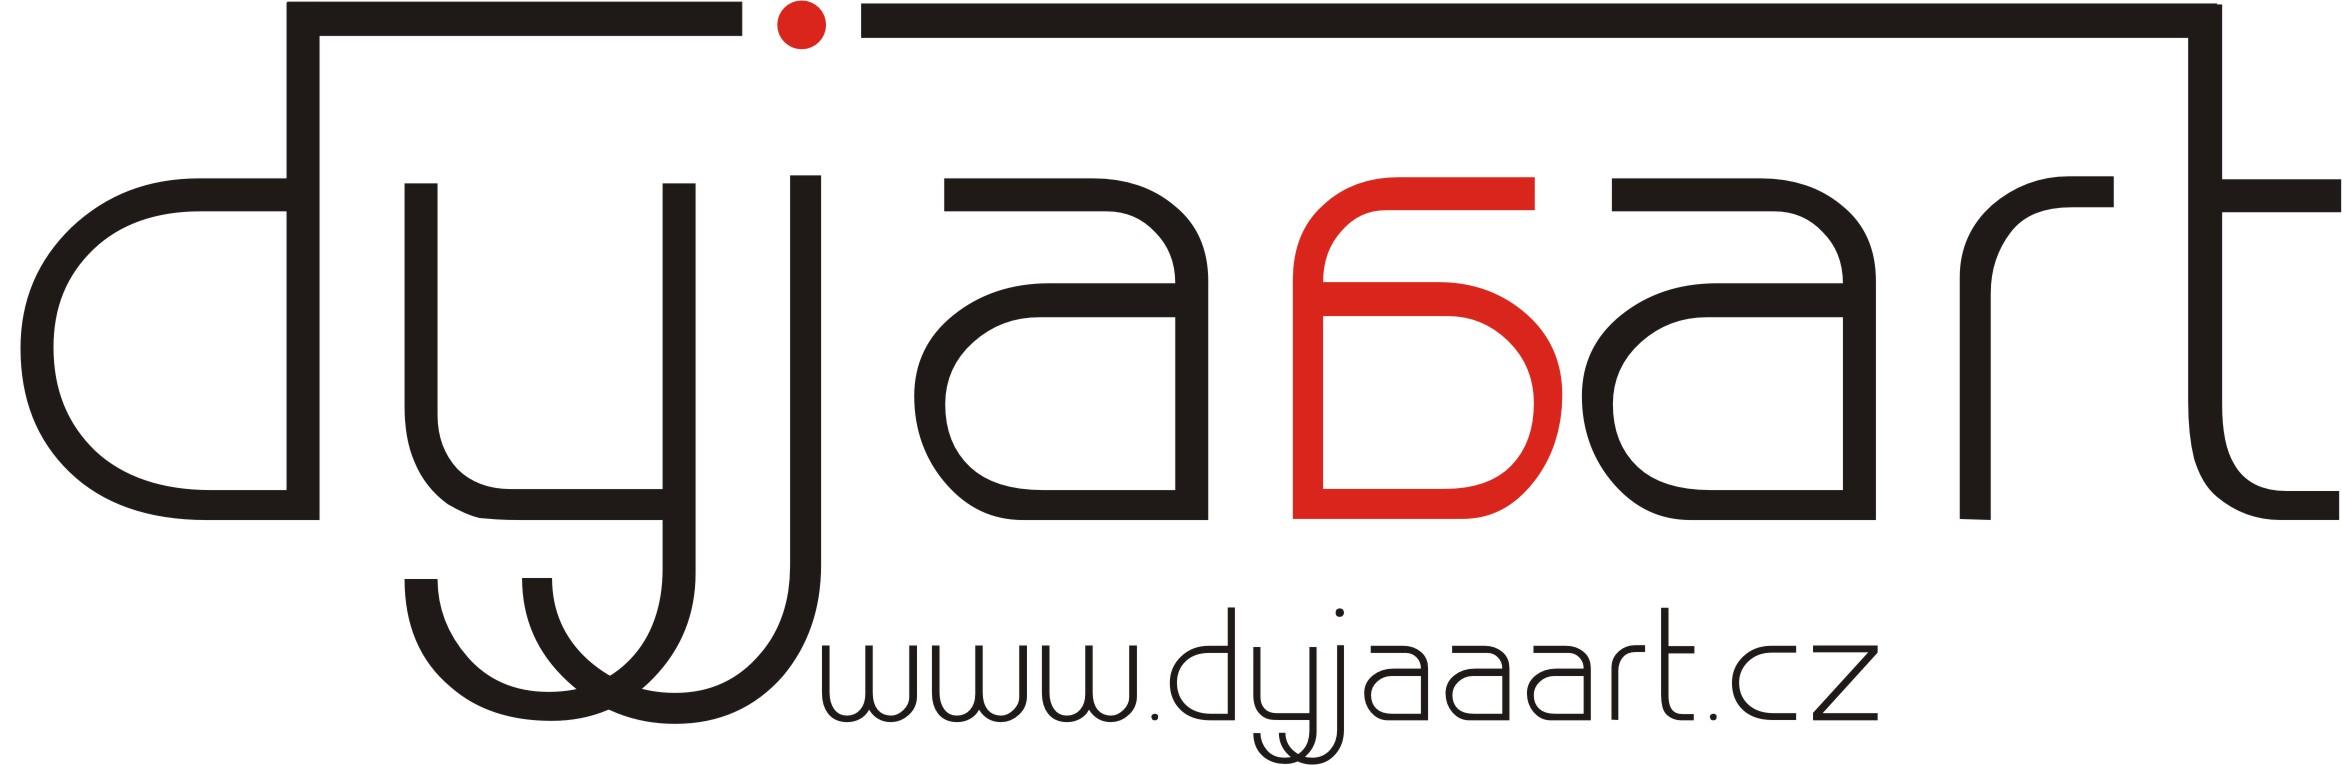 dyjaaart logo.jpg